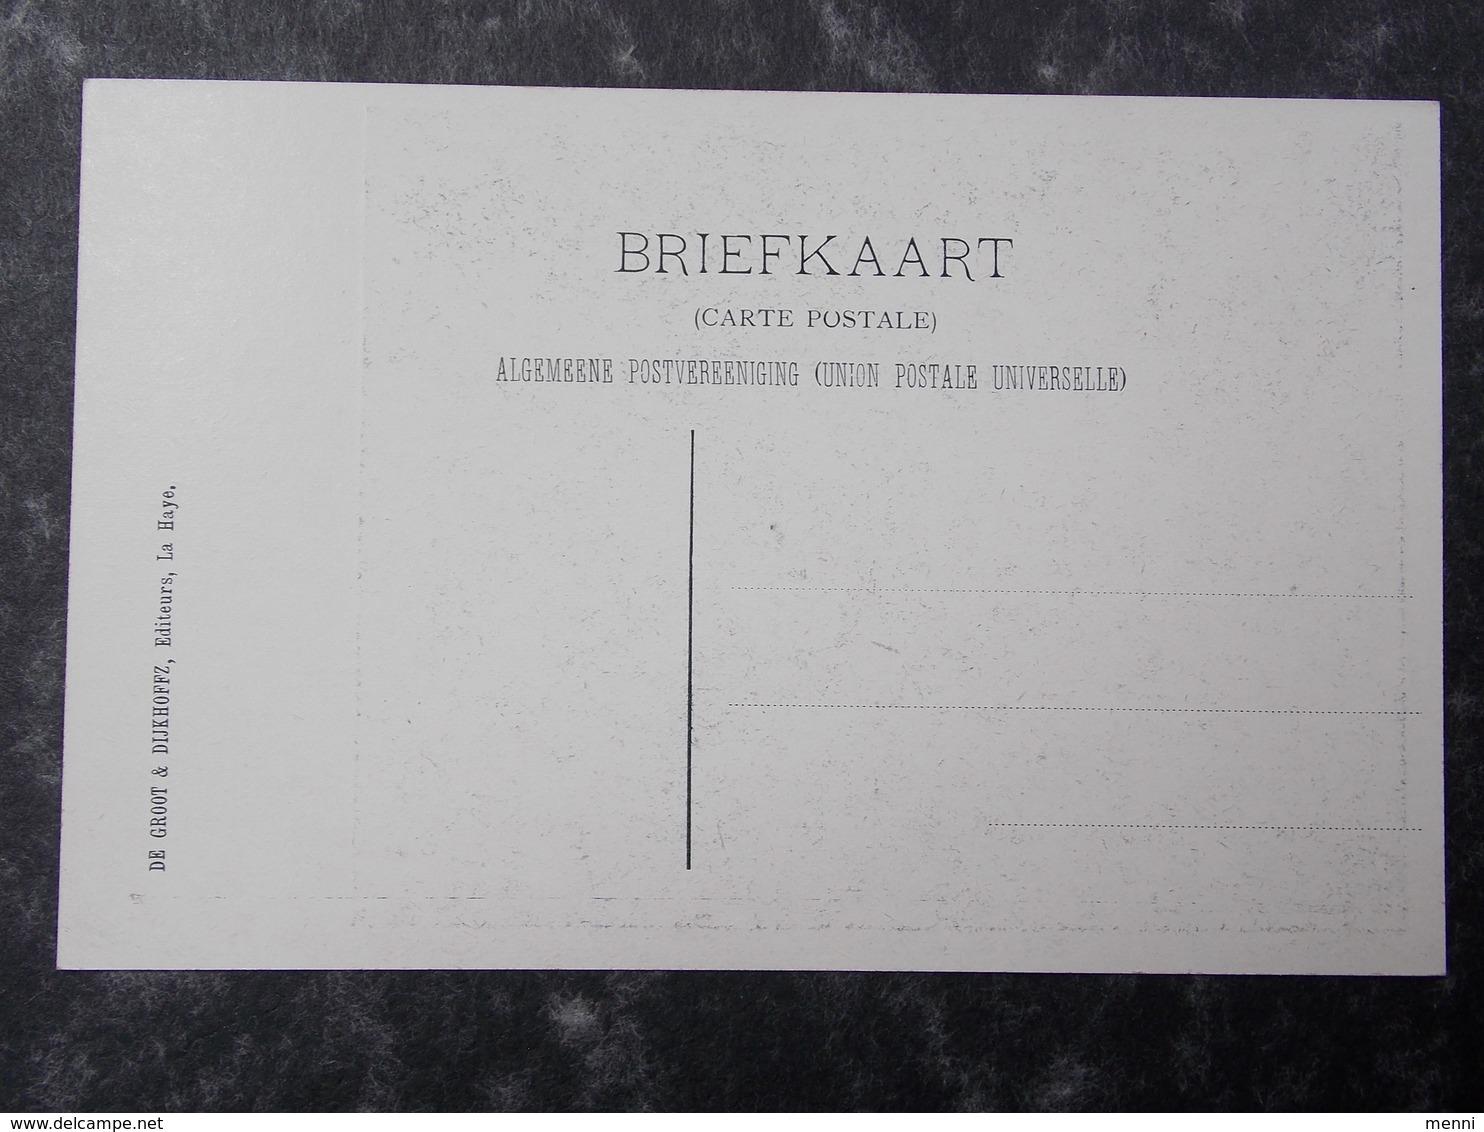 HOLLAND NEDERLAND NETHERLANDS - Den Haag - La Haye - 1907 PEACE CONFERENCE - Postcard #9/11 - Den Haag ('s-Gravenhage)